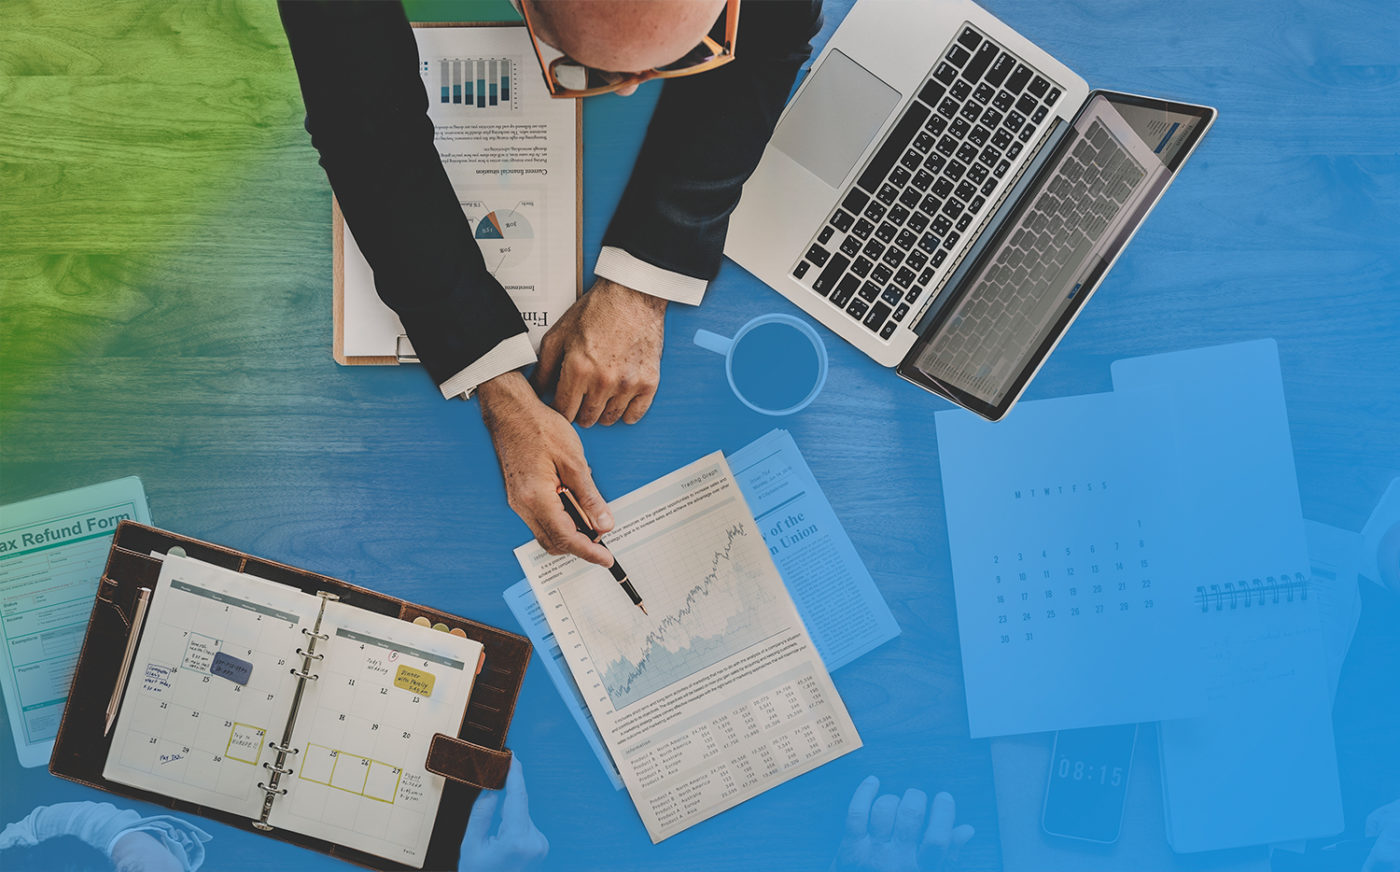 Мероприятия: Мастер-класс «Зачем нужны бизнес-аналитики в IT-компаниях?» в Киеве